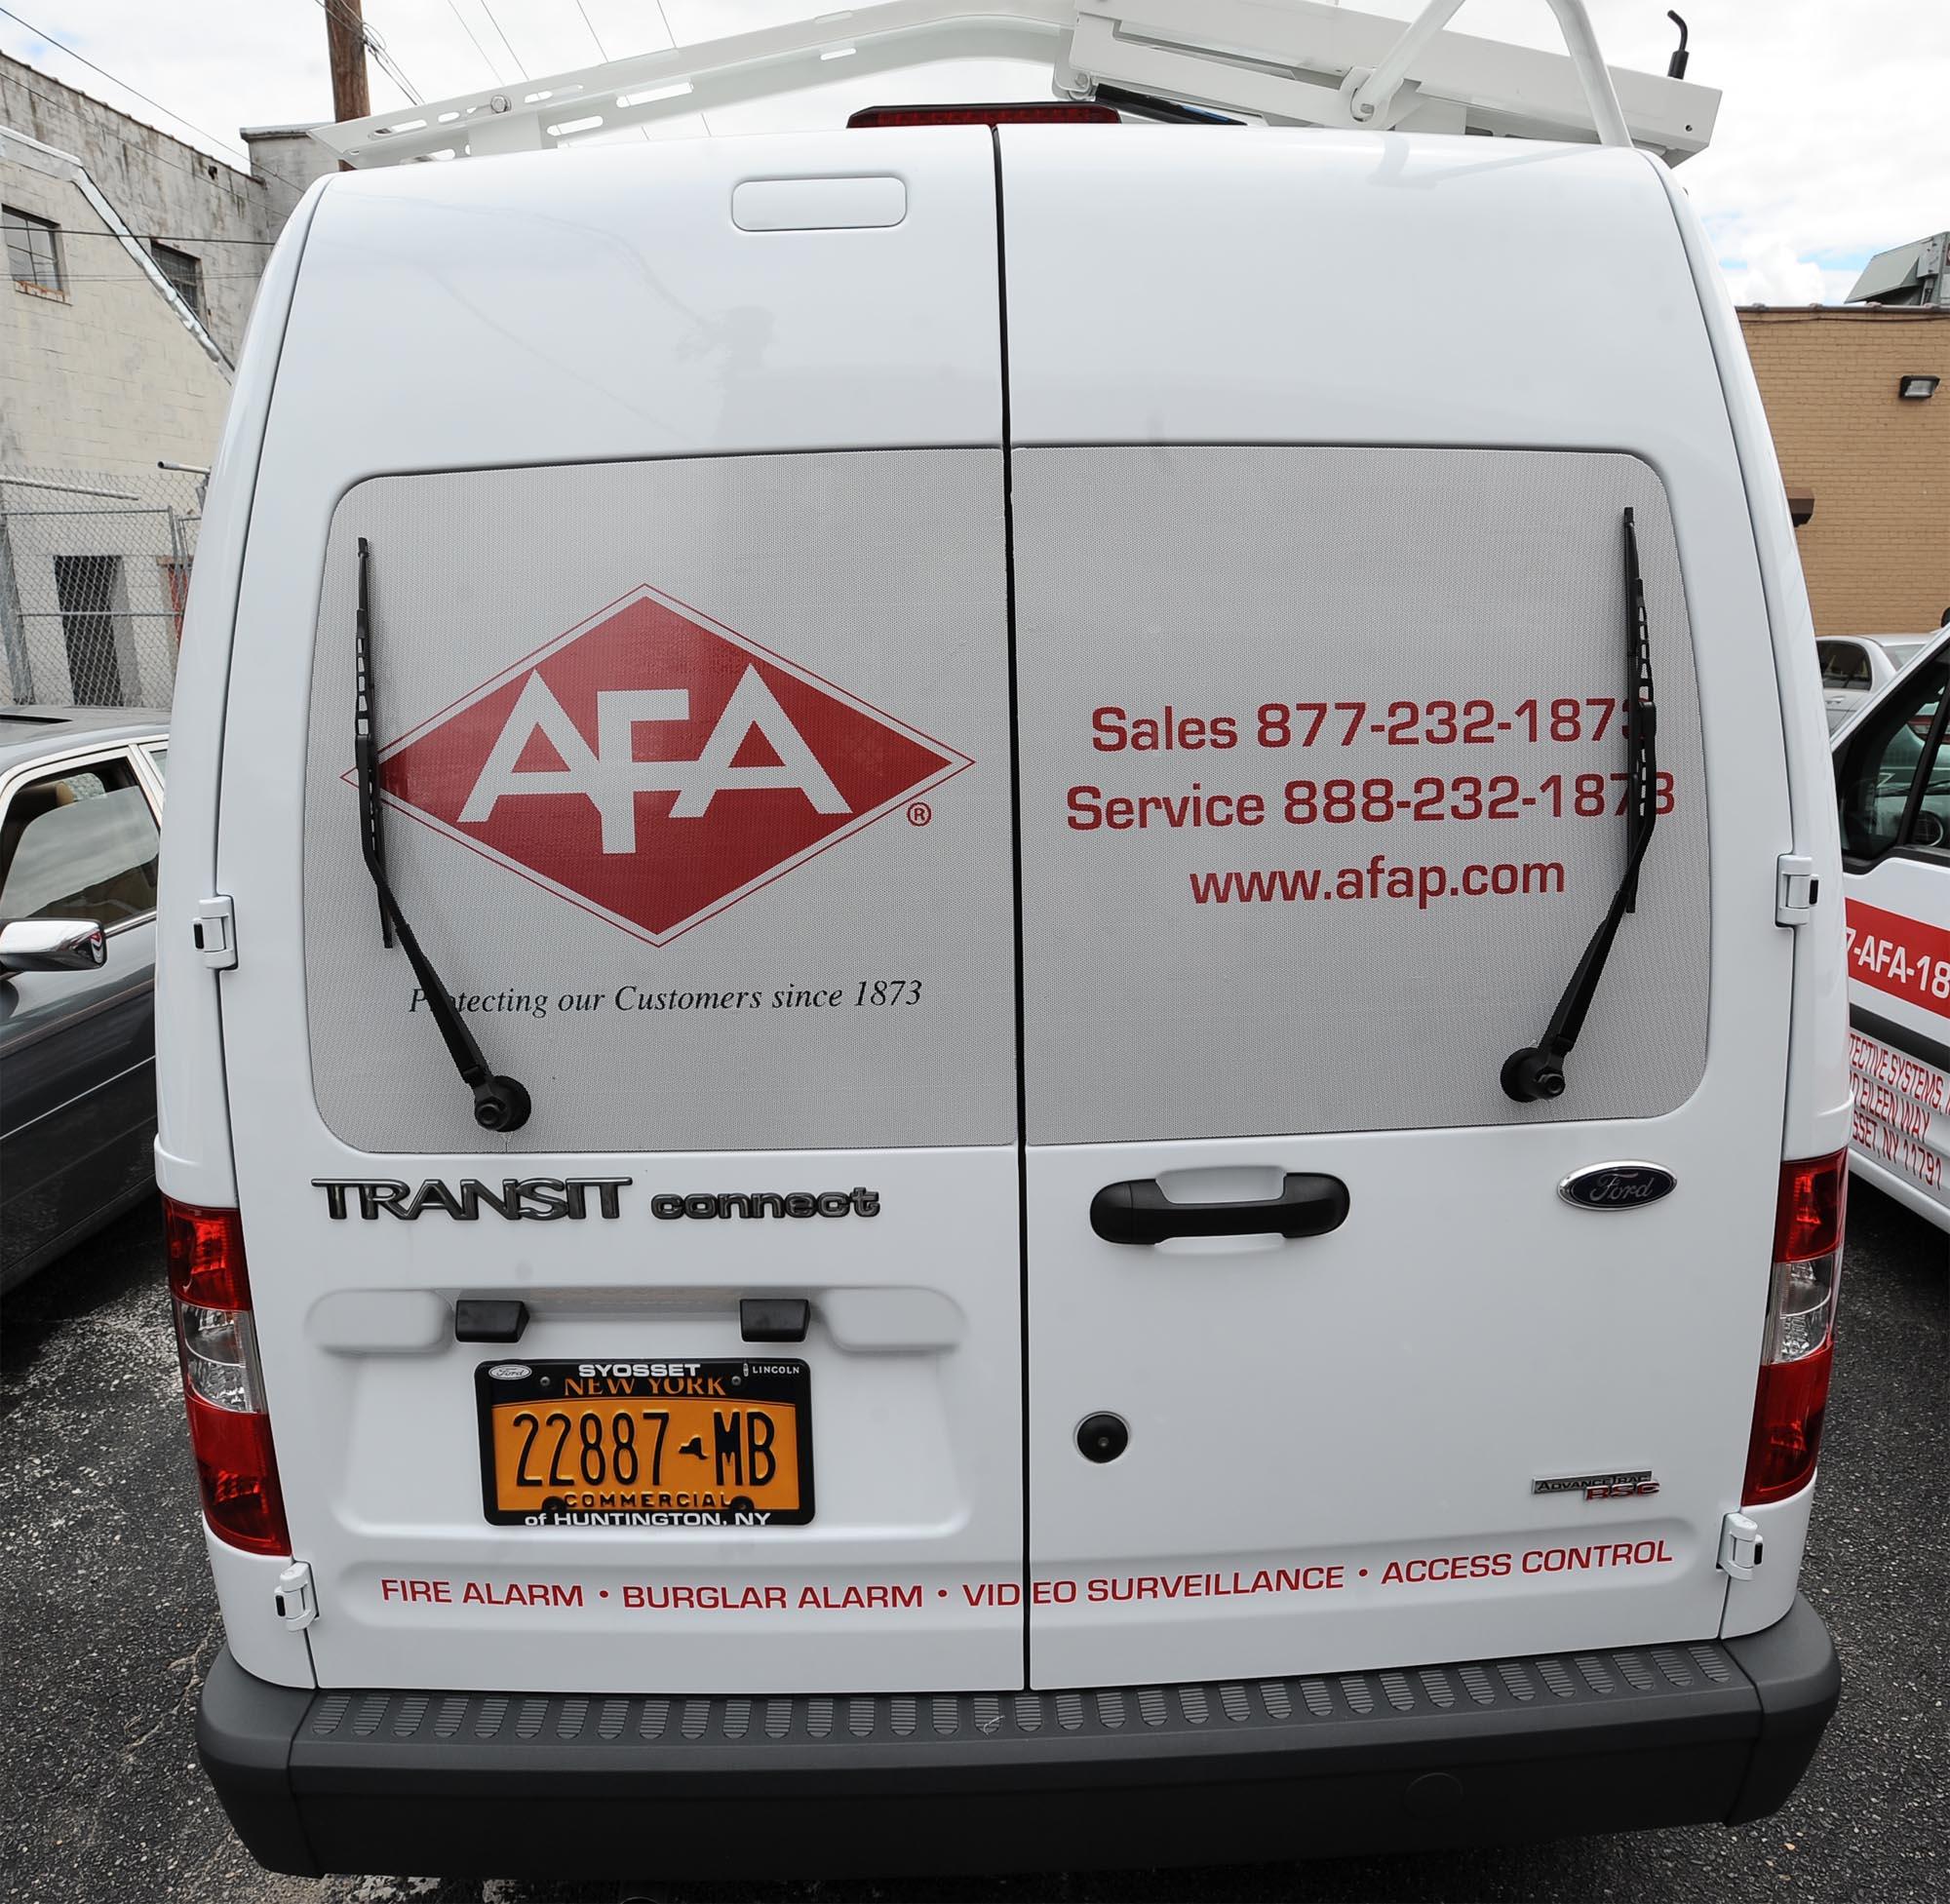 AFA Van Rear